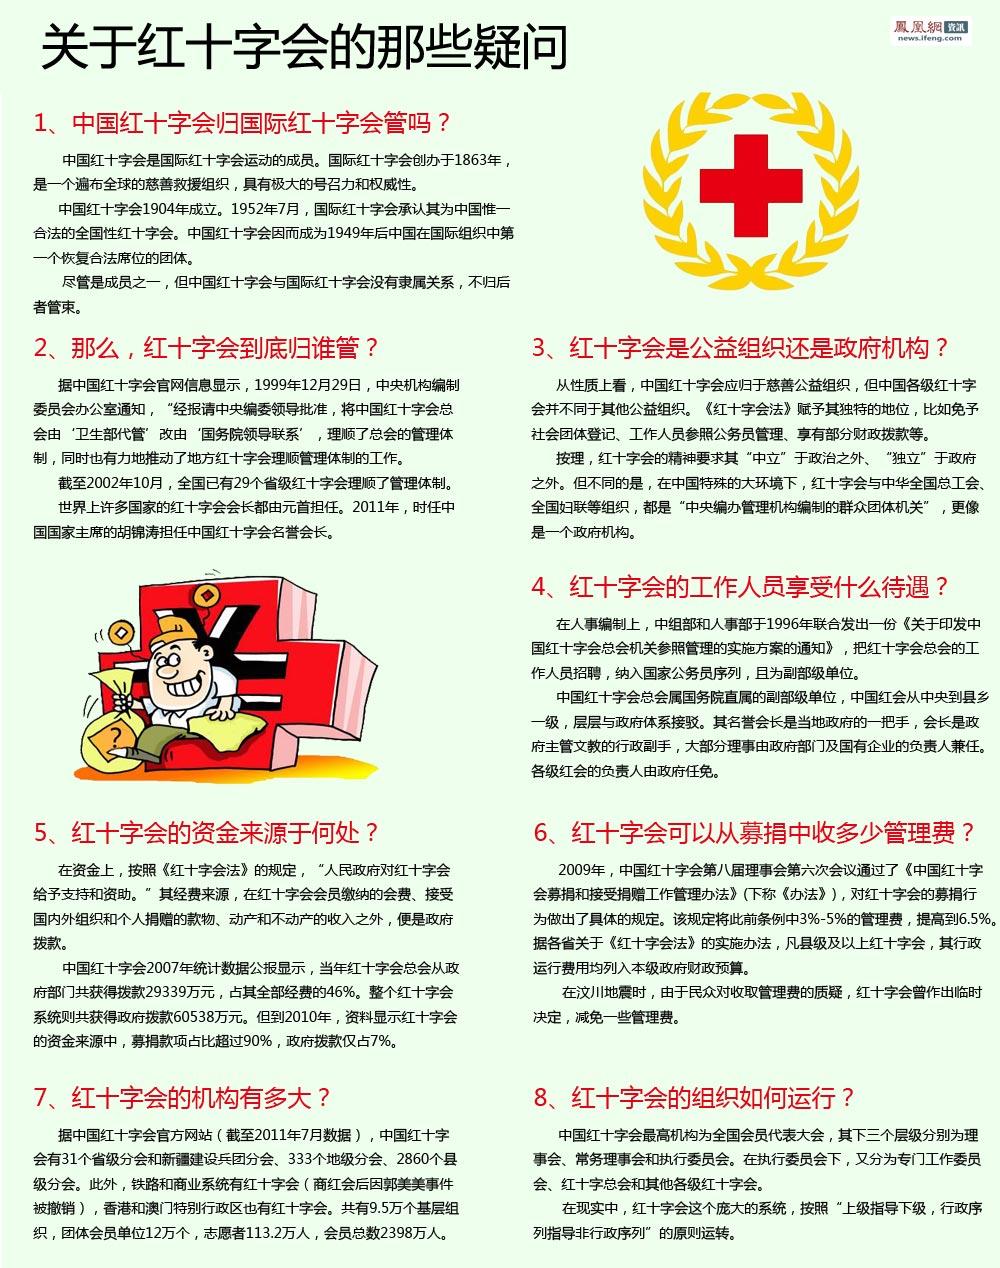 红十字会之迷 - 健康之路 - 走向健康之路